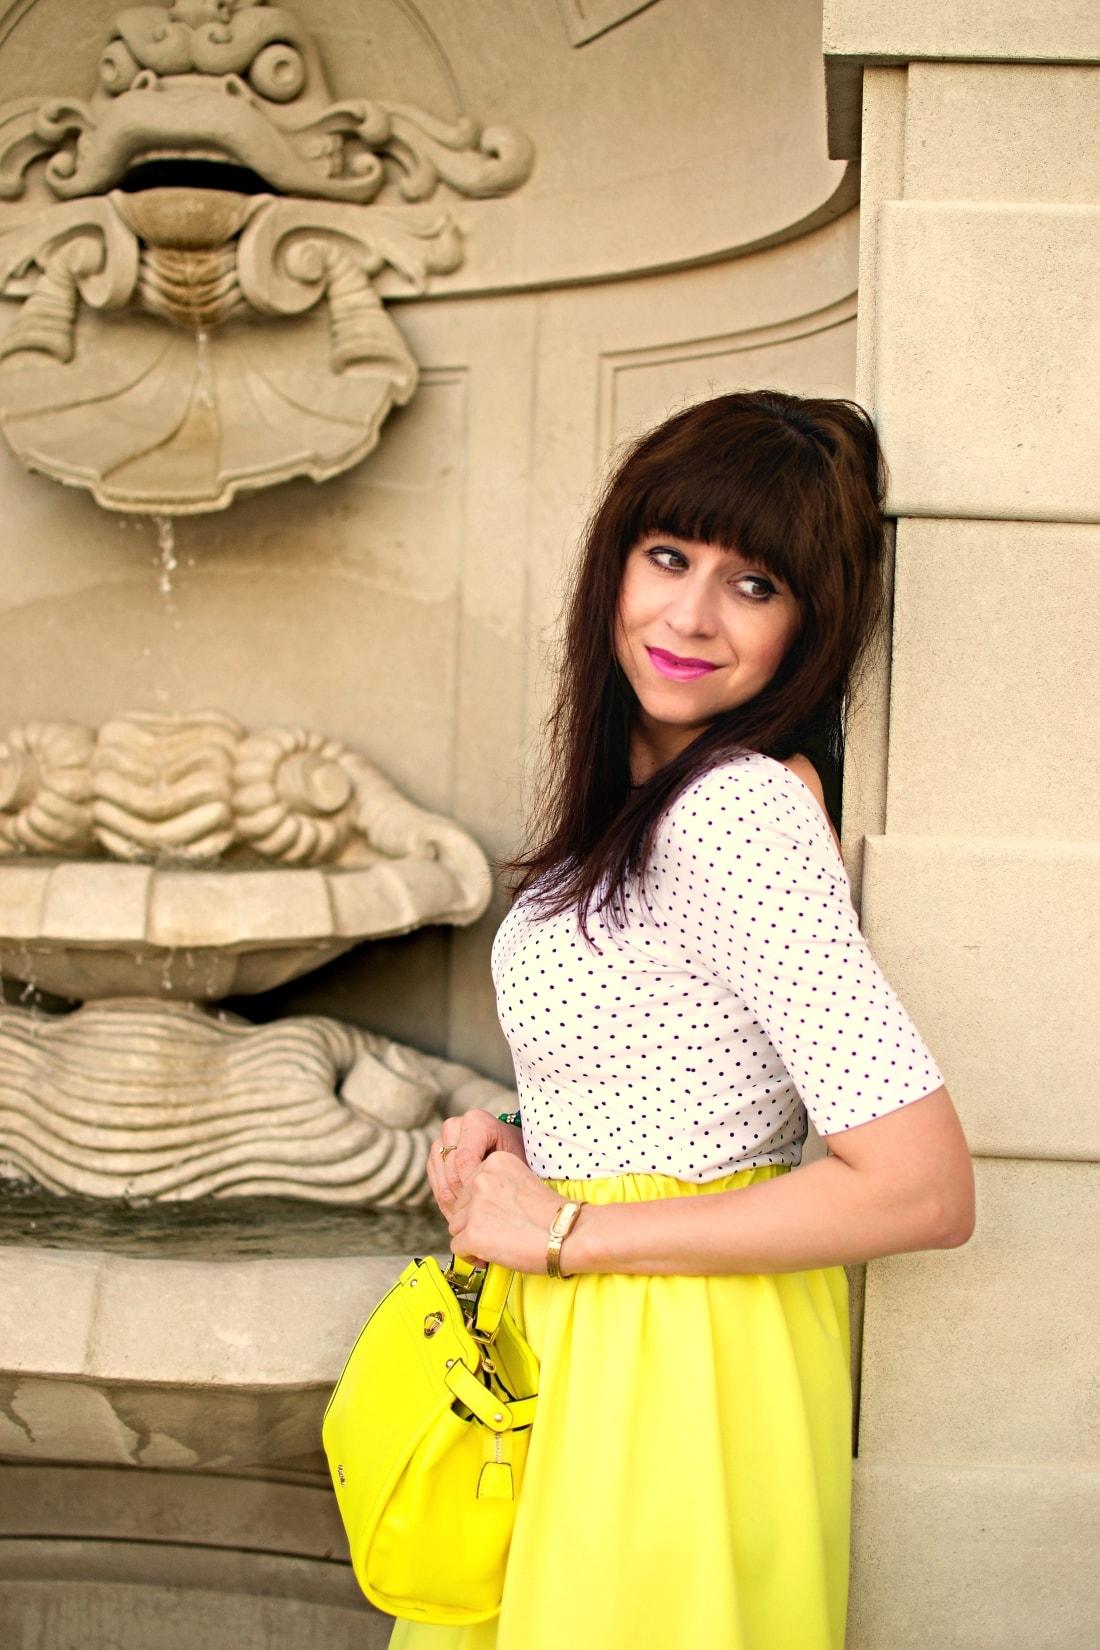 Vždy najlepšie_Katharine-fashion is beautiful blog 11_Dots_Bodky_Vzorované lodičky_Žltá sukňa_Katarína Jakubčová_Fashion blogger